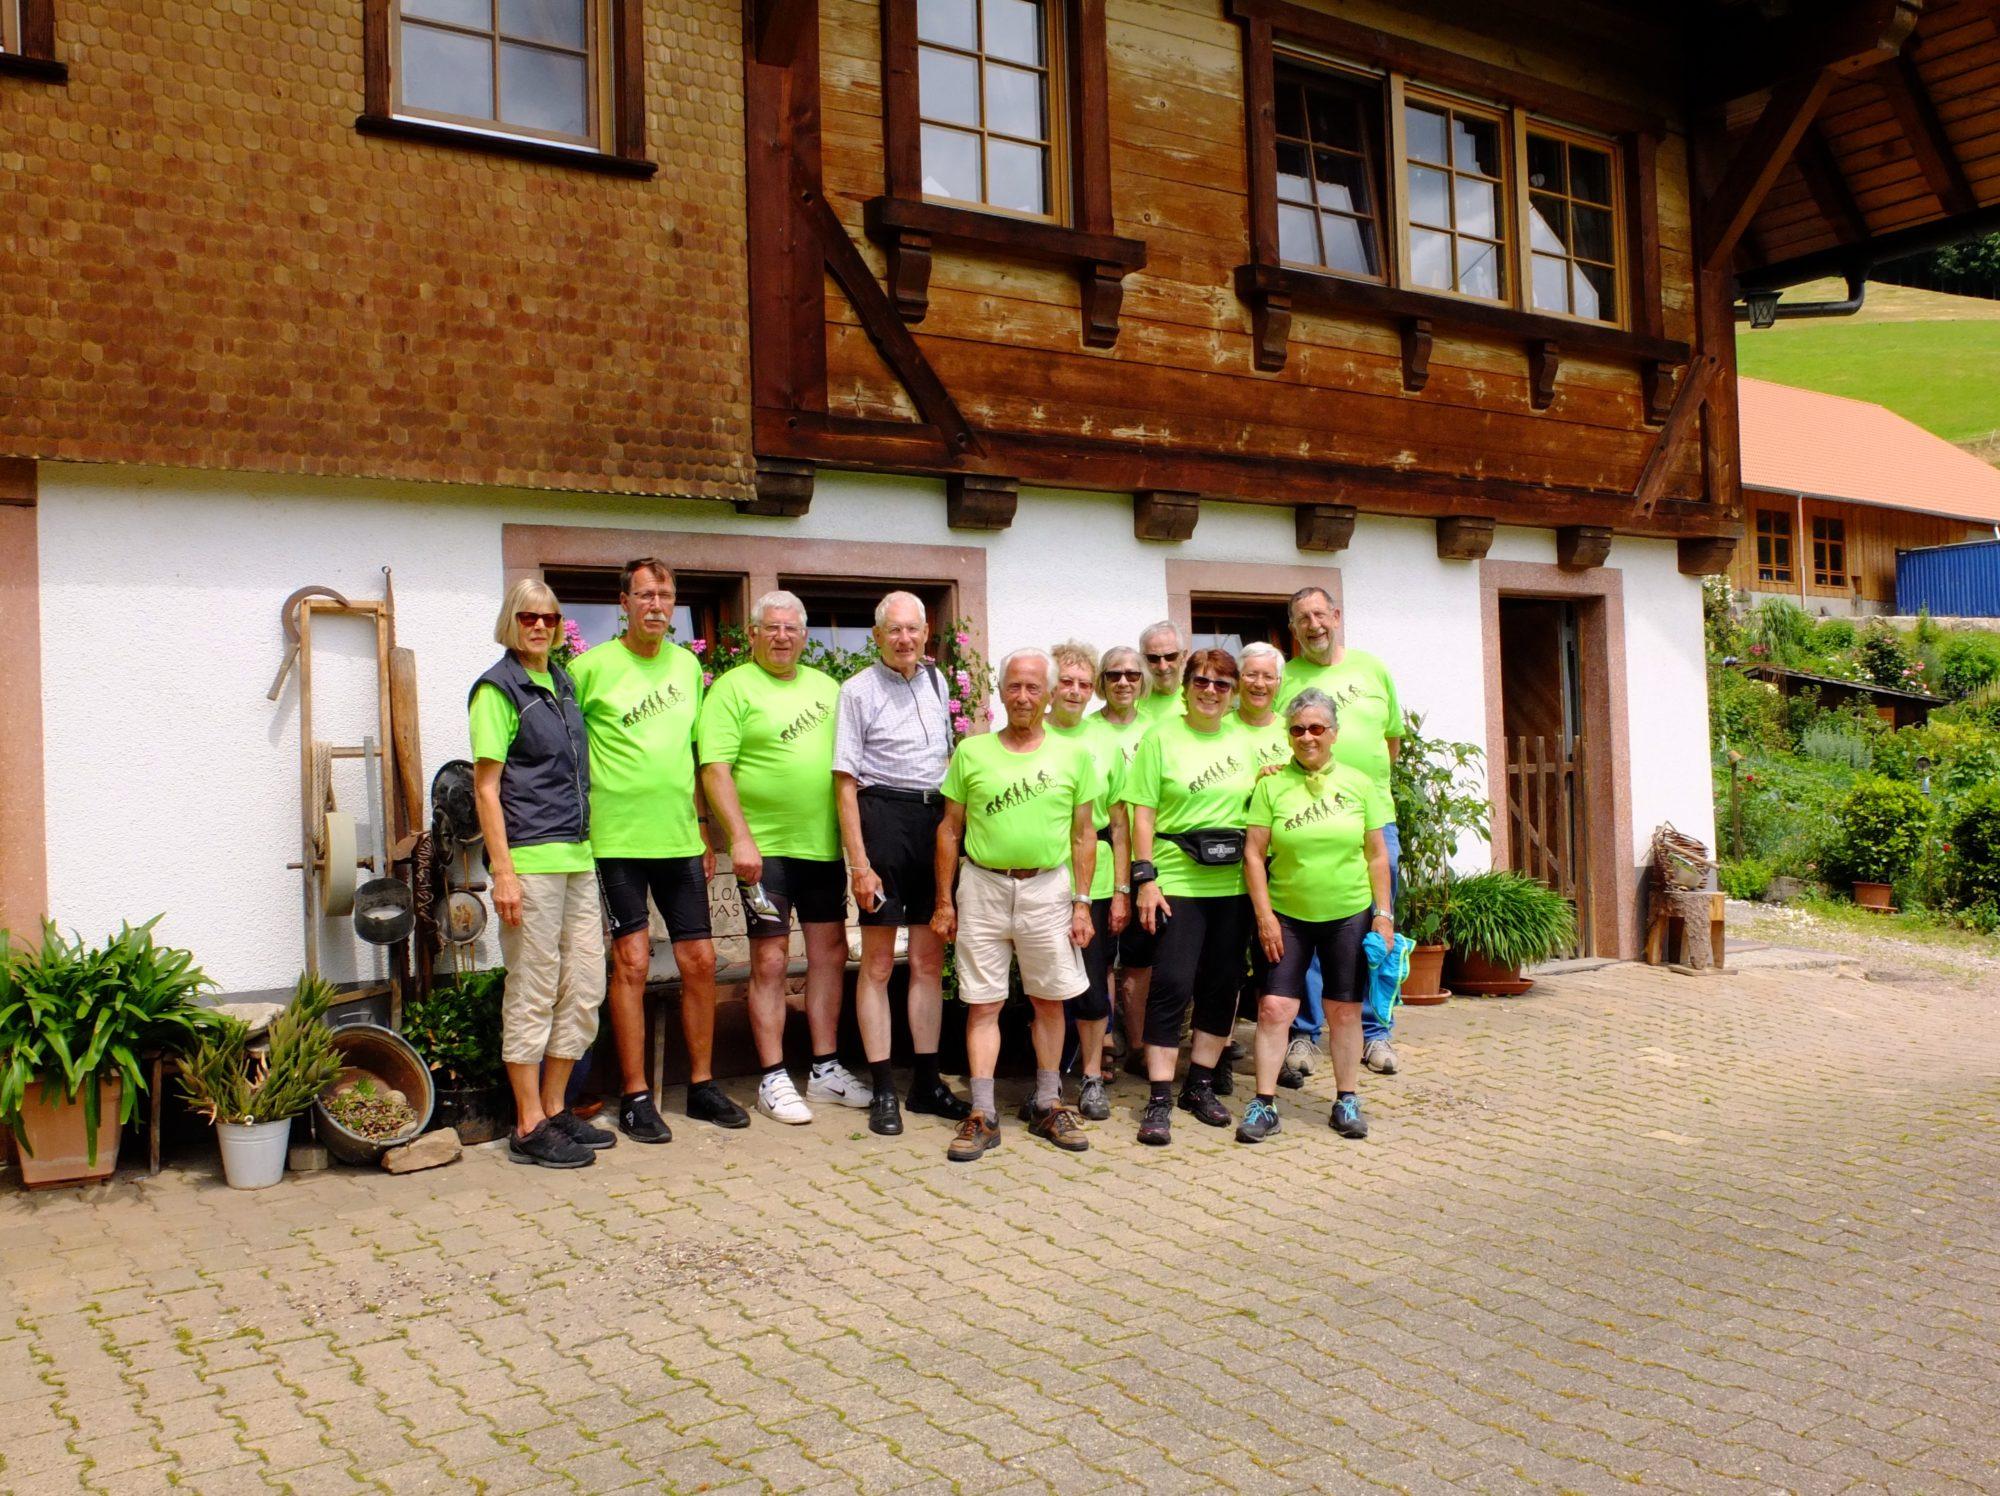 seniorenradler-erdmannsweiler.de